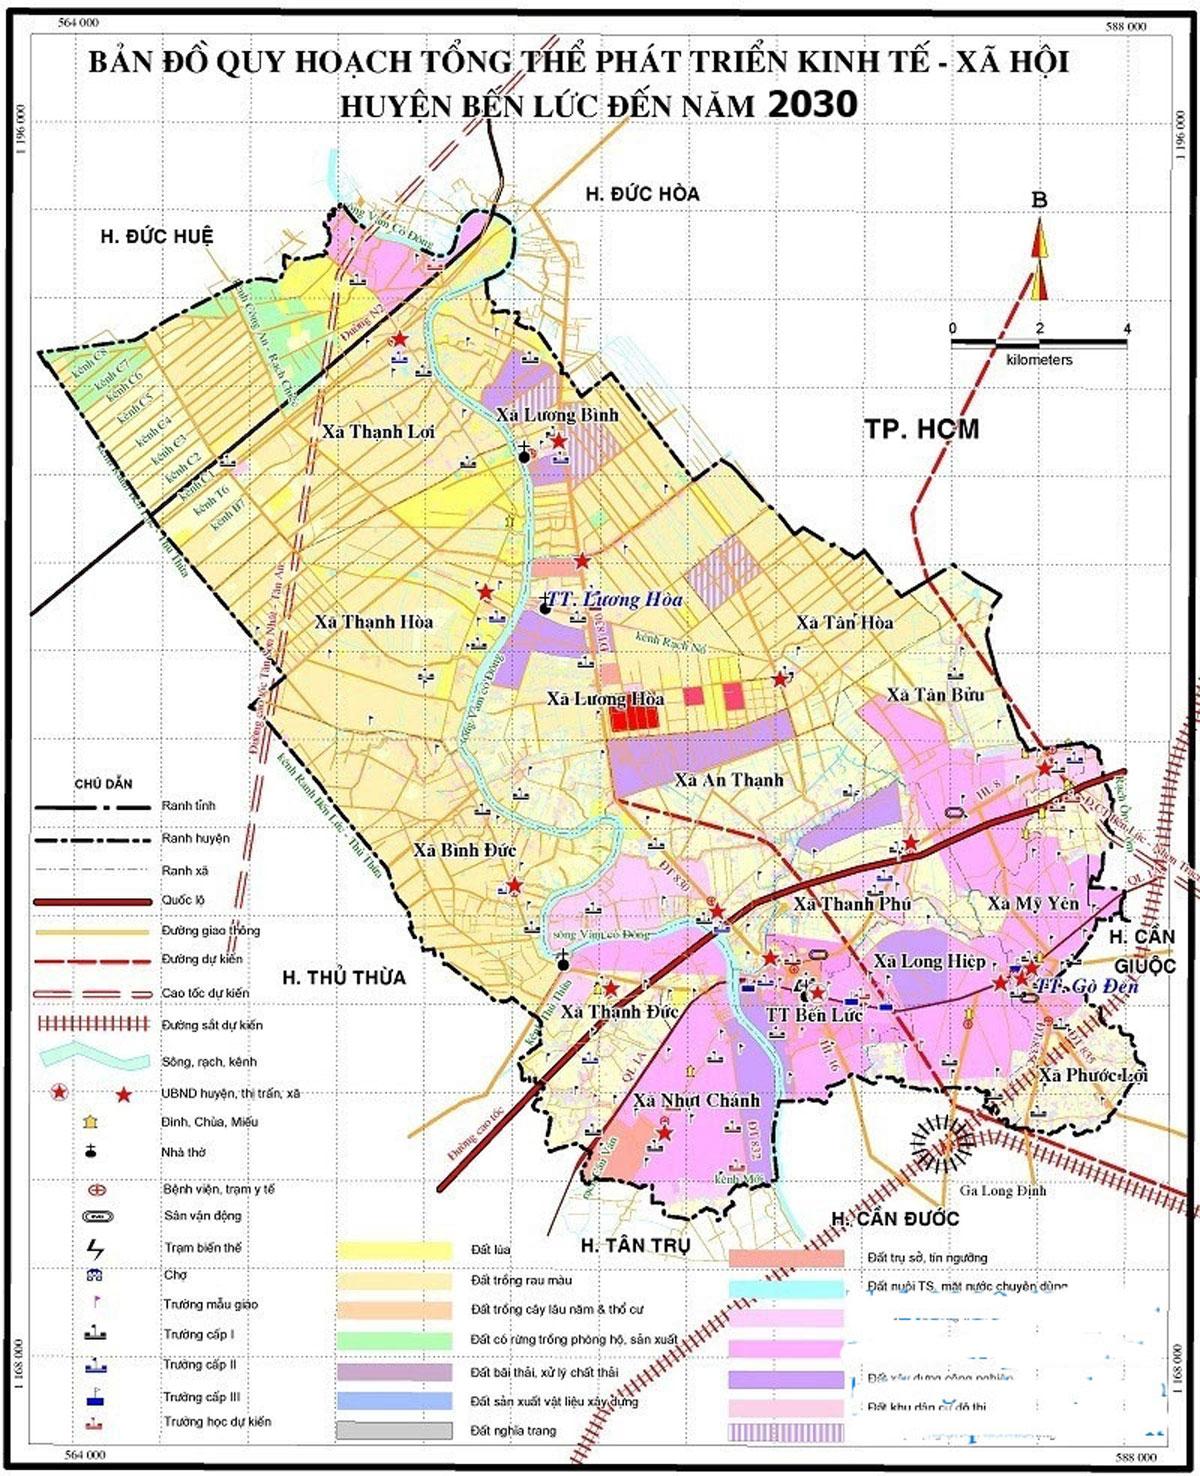 Bản đồ Quy hoạch huyện Bến Lức - THÔNG TIN BẢN ĐỒ QUY HOẠCH HUYỆN BẾN LỨC - LONG AN